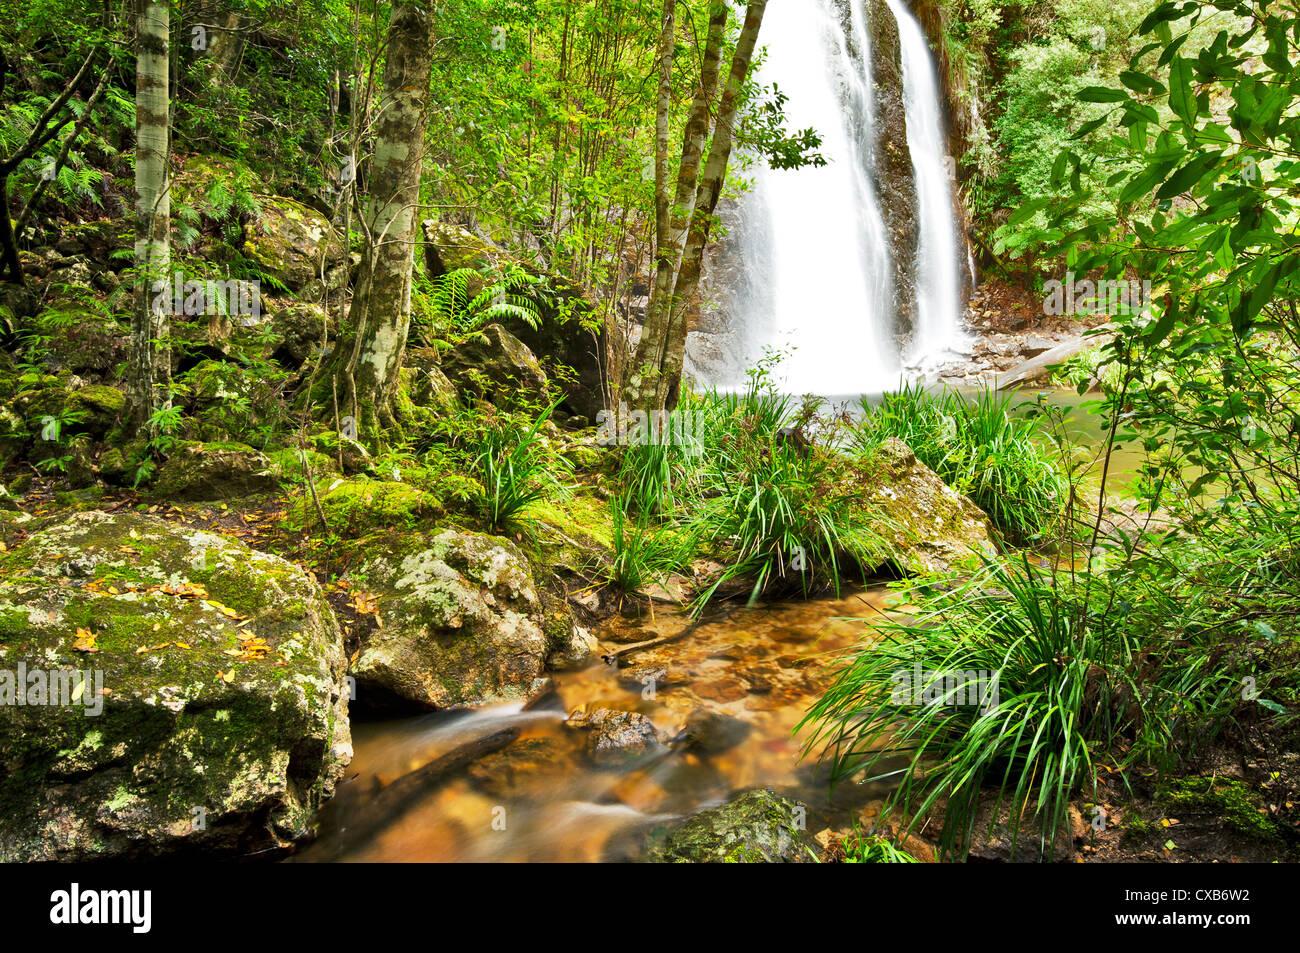 Boundary Falls entouré par la forêt tropicale. Banque D'Images